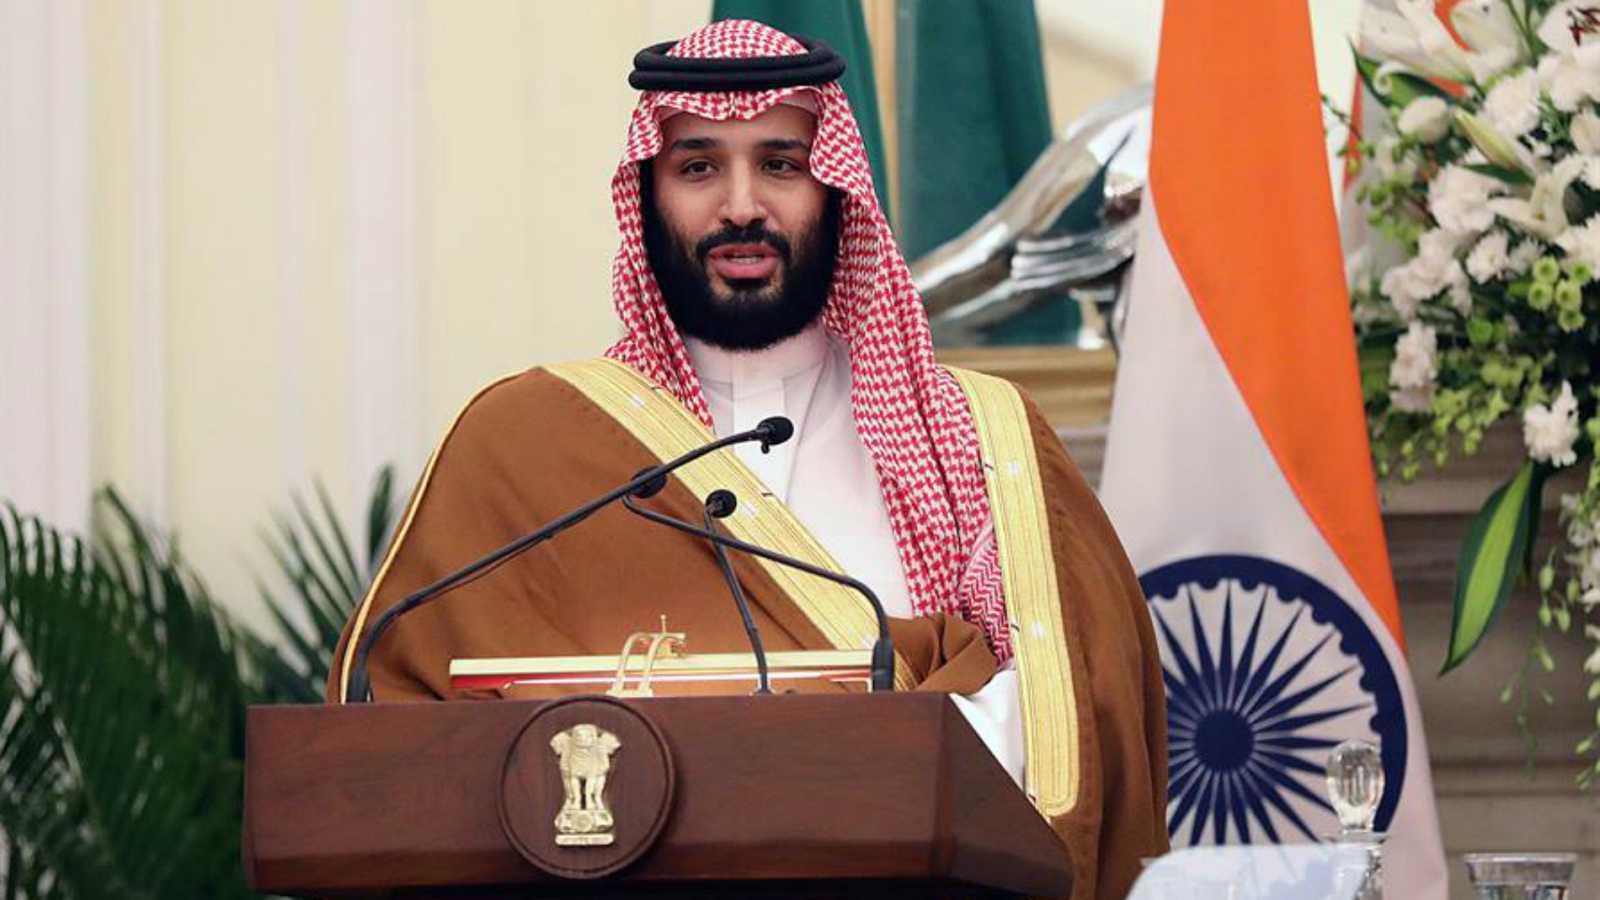 El príncipe heredero saudí, Mohamed bin Salman, en una rueda de prensa en la India